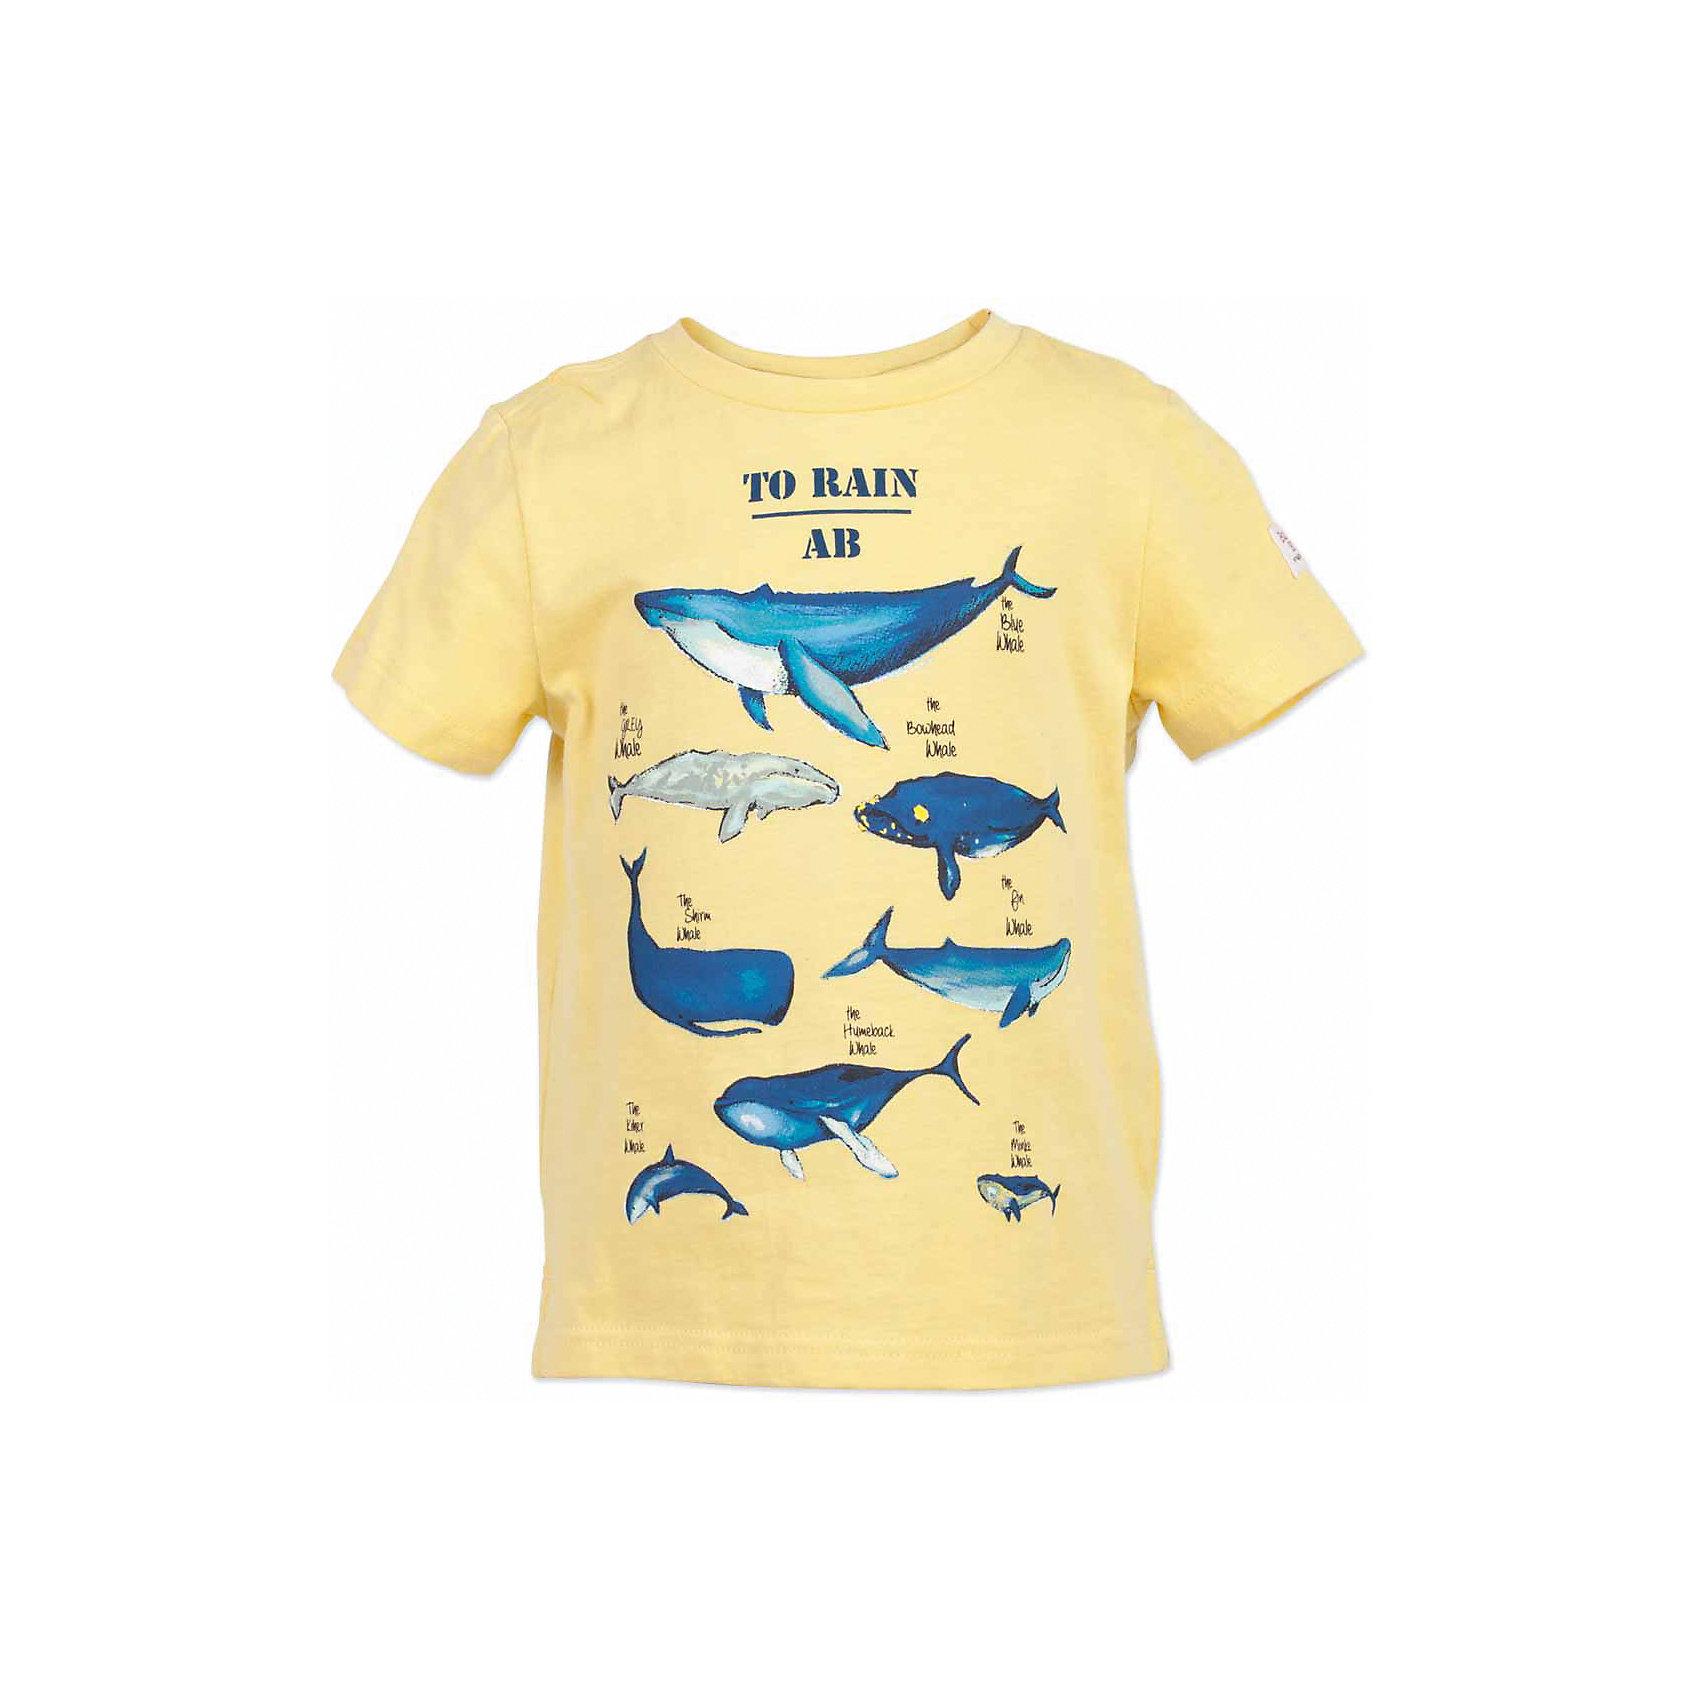 Футболка для мальчика  BUTTON BLUEФутболки, поло и топы<br>Футболка для мальчика  BUTTON BLUE<br>Желтая футболка - не только базовая вещь в гардеробе ребенка, но и залог хорошего летнего настроения! Если вы решили купить недорогую яркую футболку для мальчика, выберете модель футболки с оригинальным принтом, и ваш ребенок будет доволен! Низкая цена не окажет влияния на бюджет семьи, позволив создать интересный базовый гардероб для долгожданных каникул!<br>Состав:<br>100%  хлопок<br><br>Ширина мм: 199<br>Глубина мм: 10<br>Высота мм: 161<br>Вес г: 151<br>Цвет: желтый<br>Возраст от месяцев: 144<br>Возраст до месяцев: 156<br>Пол: Мужской<br>Возраст: Детский<br>Размер: 158,98,104,110,116,122,128,134,140,146,152<br>SKU: 5524233